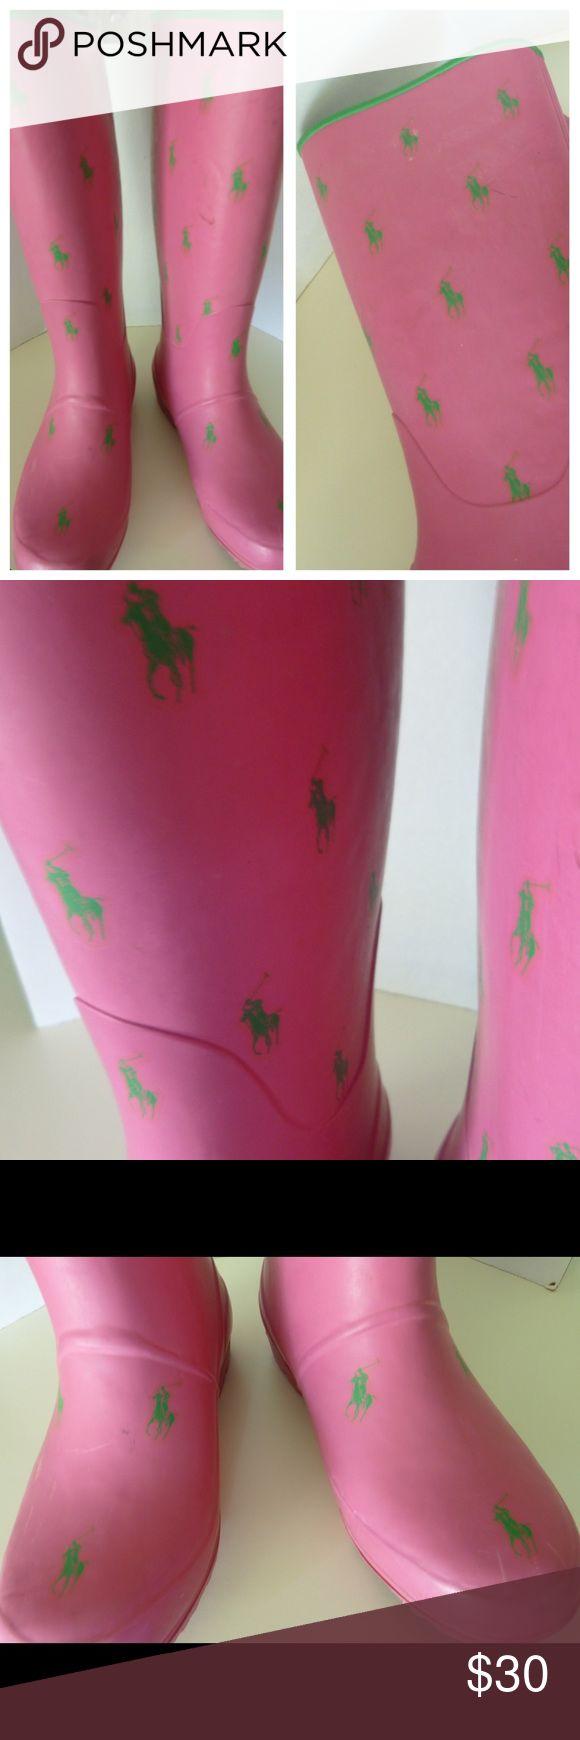 Ralph Lauren Polo Pink Rain Boots Size 7 Ralph Lauren Polo Pink Rain Boots Size 7 Great condition Pink with green polo logo Polo by Ralph Lauren Shoes Winter & Rain Boots